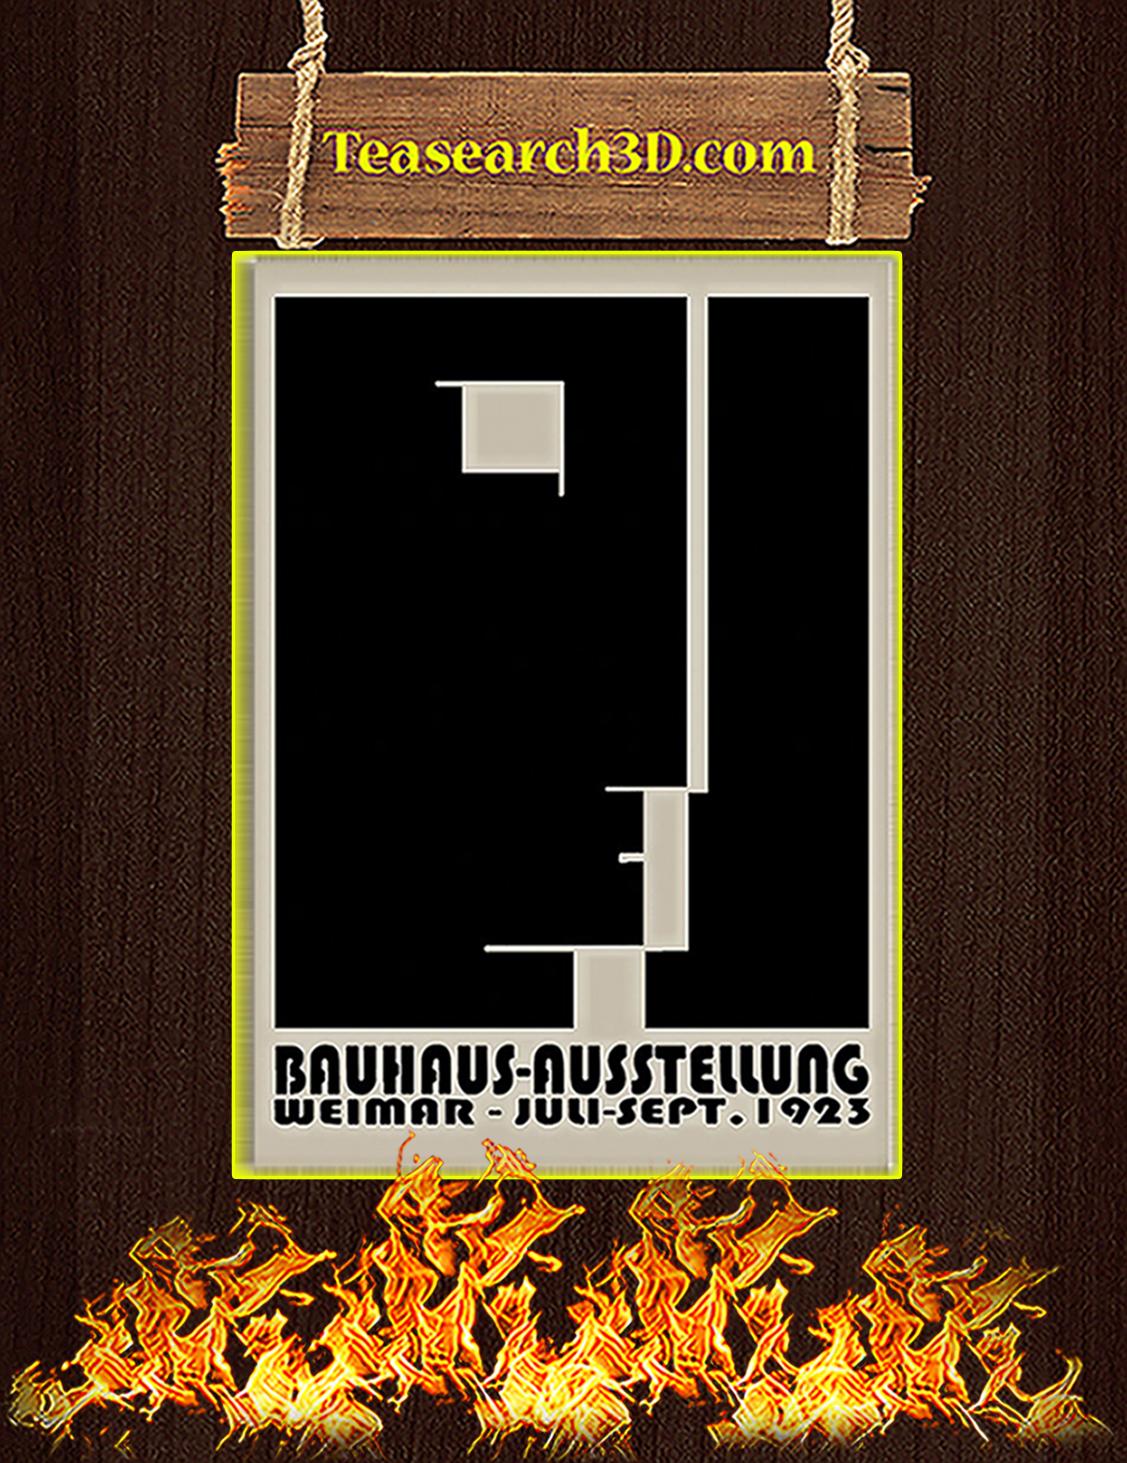 Bauhaus ausstellung weimar juli sept 1923 poster A3